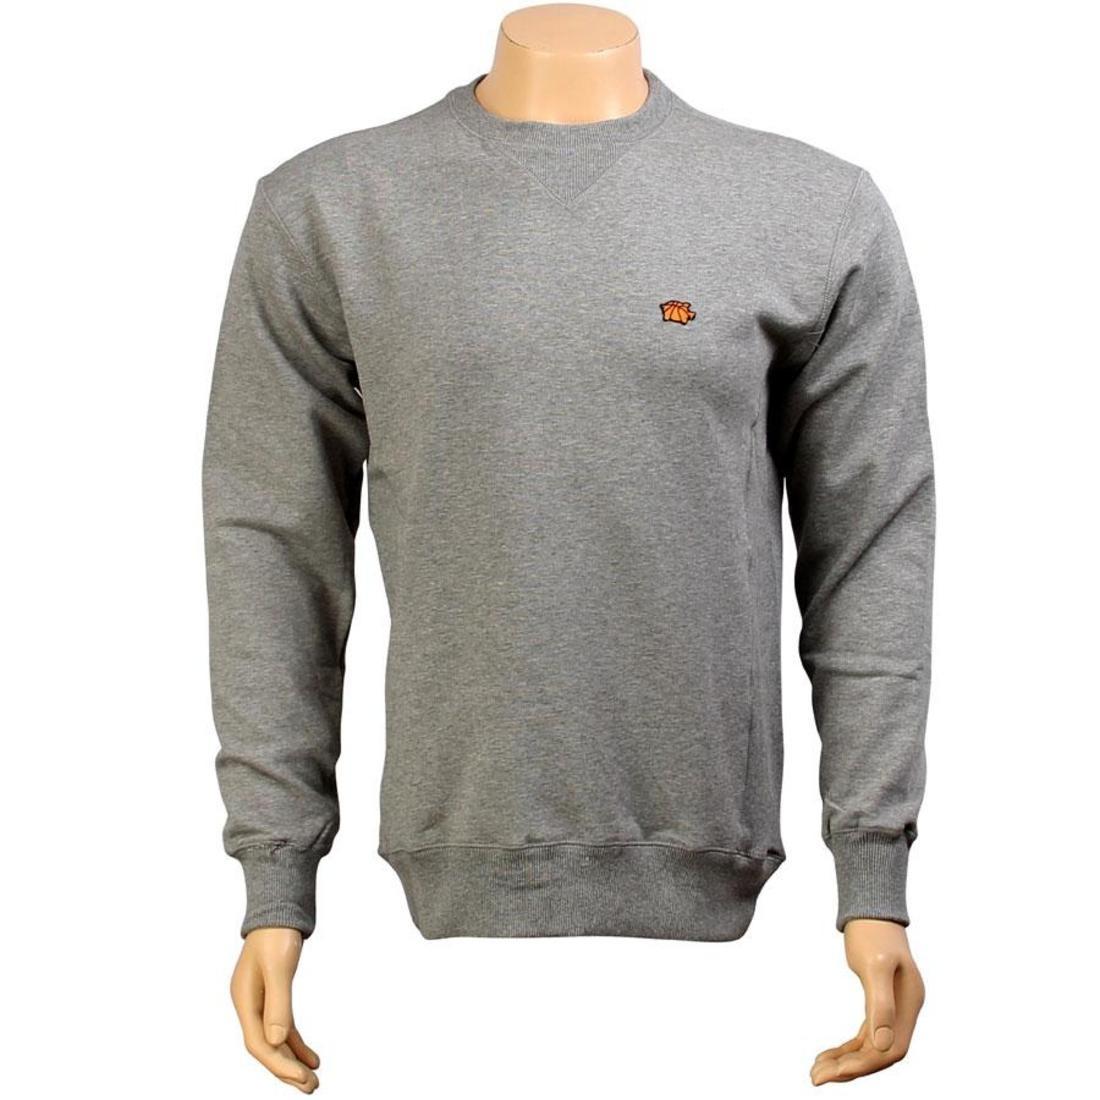 【海外限定】アンダークラウン カットソー】 Tシャツ【 Tシャツ UNDRCRWN BALLHOG カットソー SWEATER HEATHER GREY】, 東北町:cc673288 --- officewill.xsrv.jp